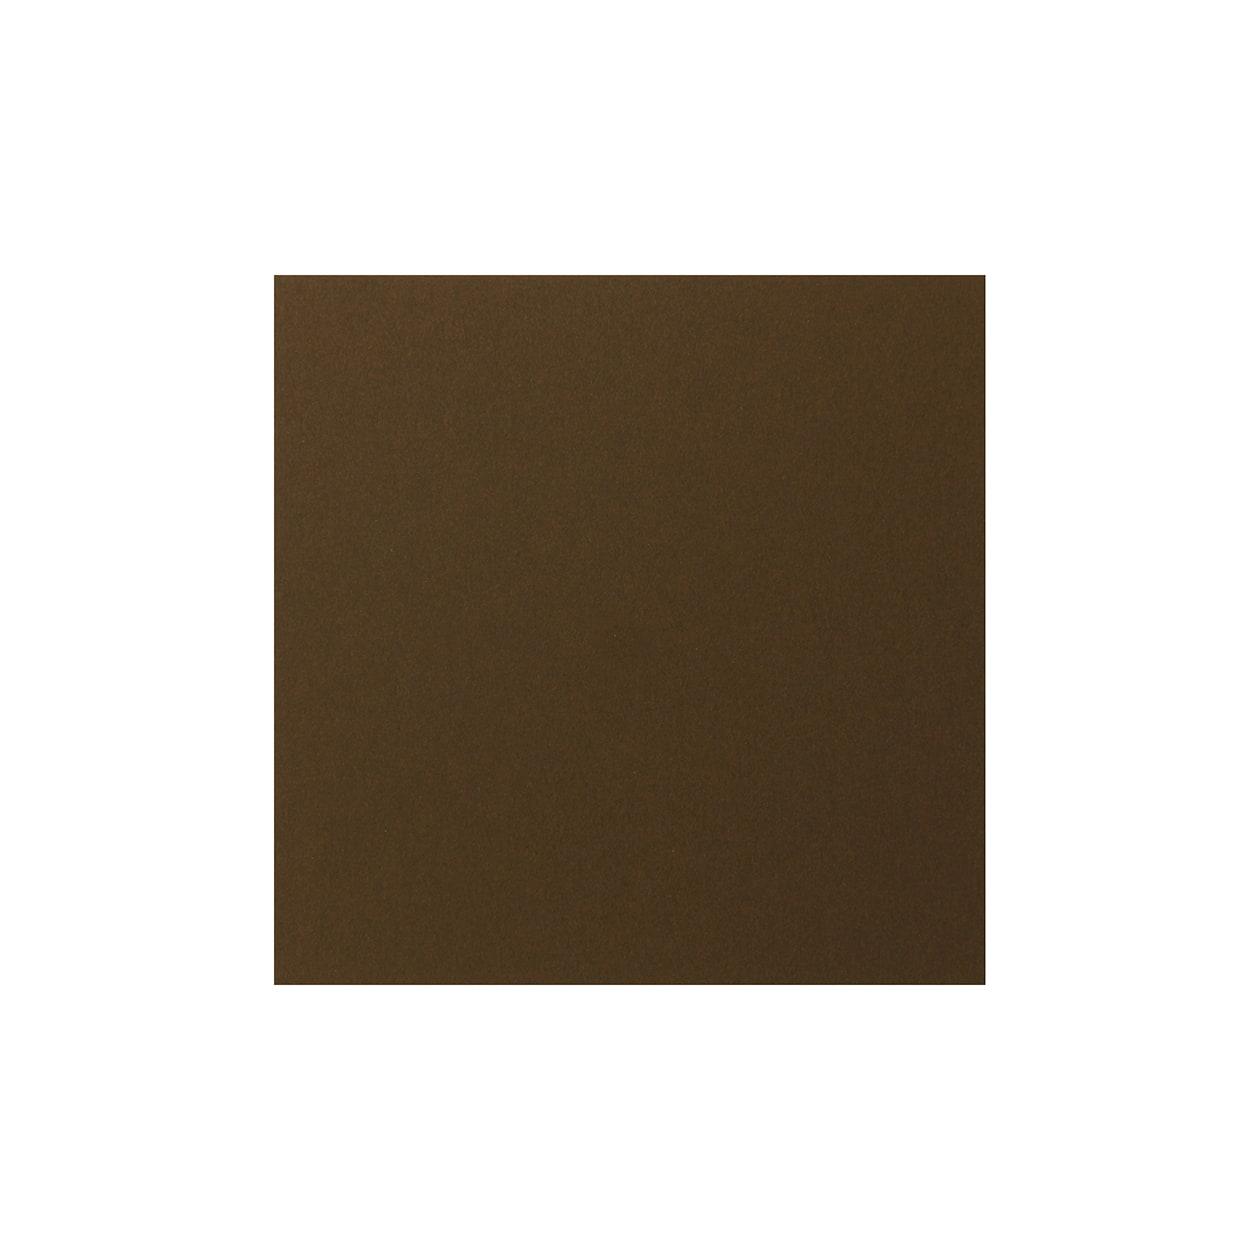 #27カード コットン チョコレート 291g